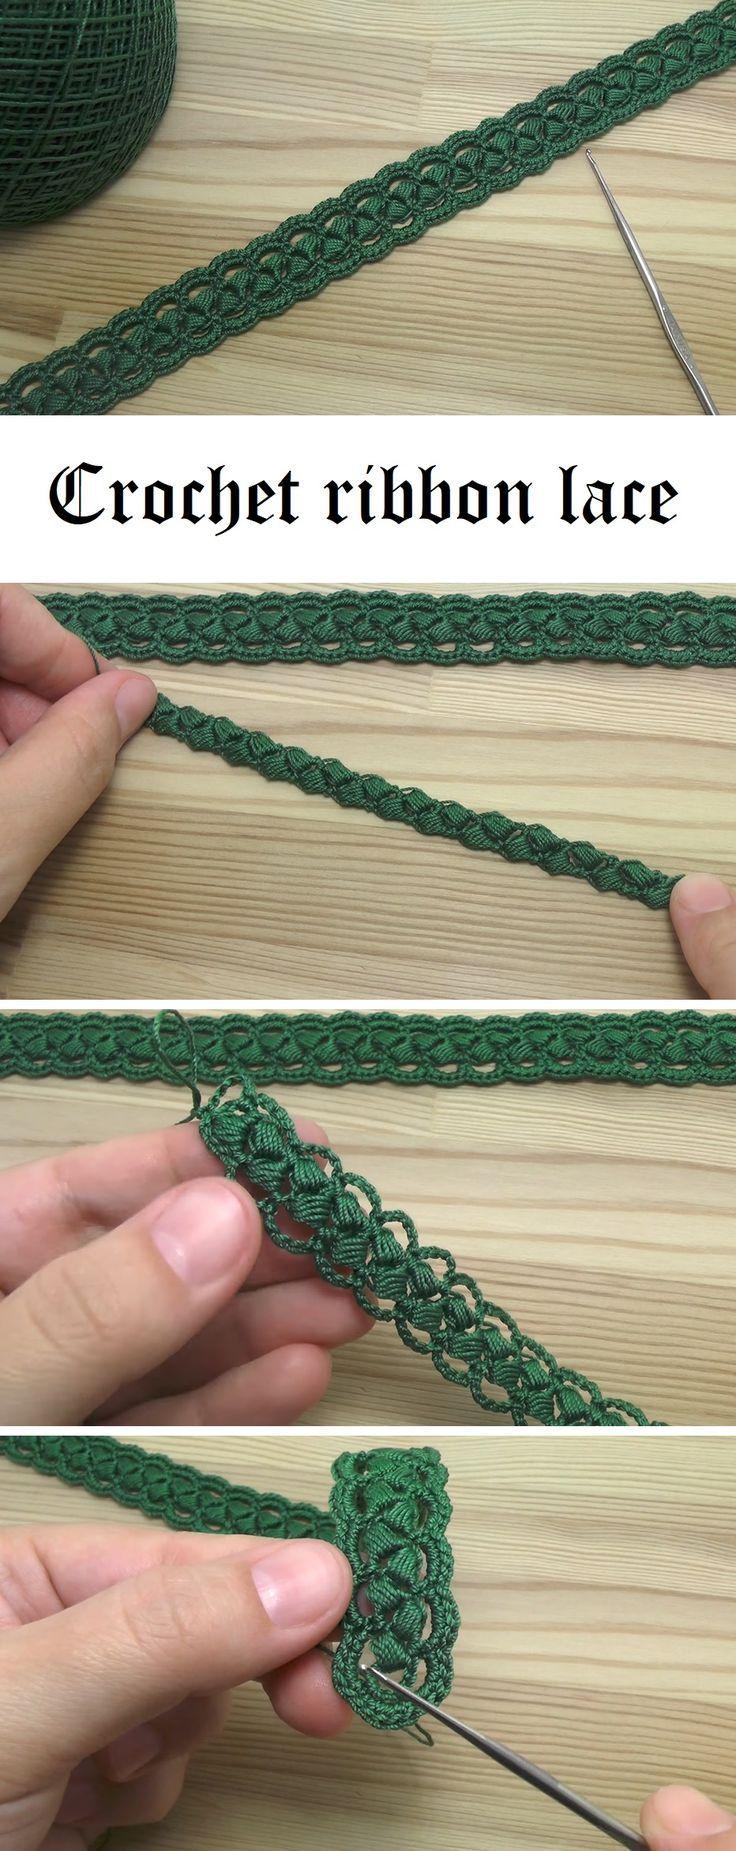 Crochet Ribbon Tutorial #häkeln #Socken stricken #stricken #strickenisttoll